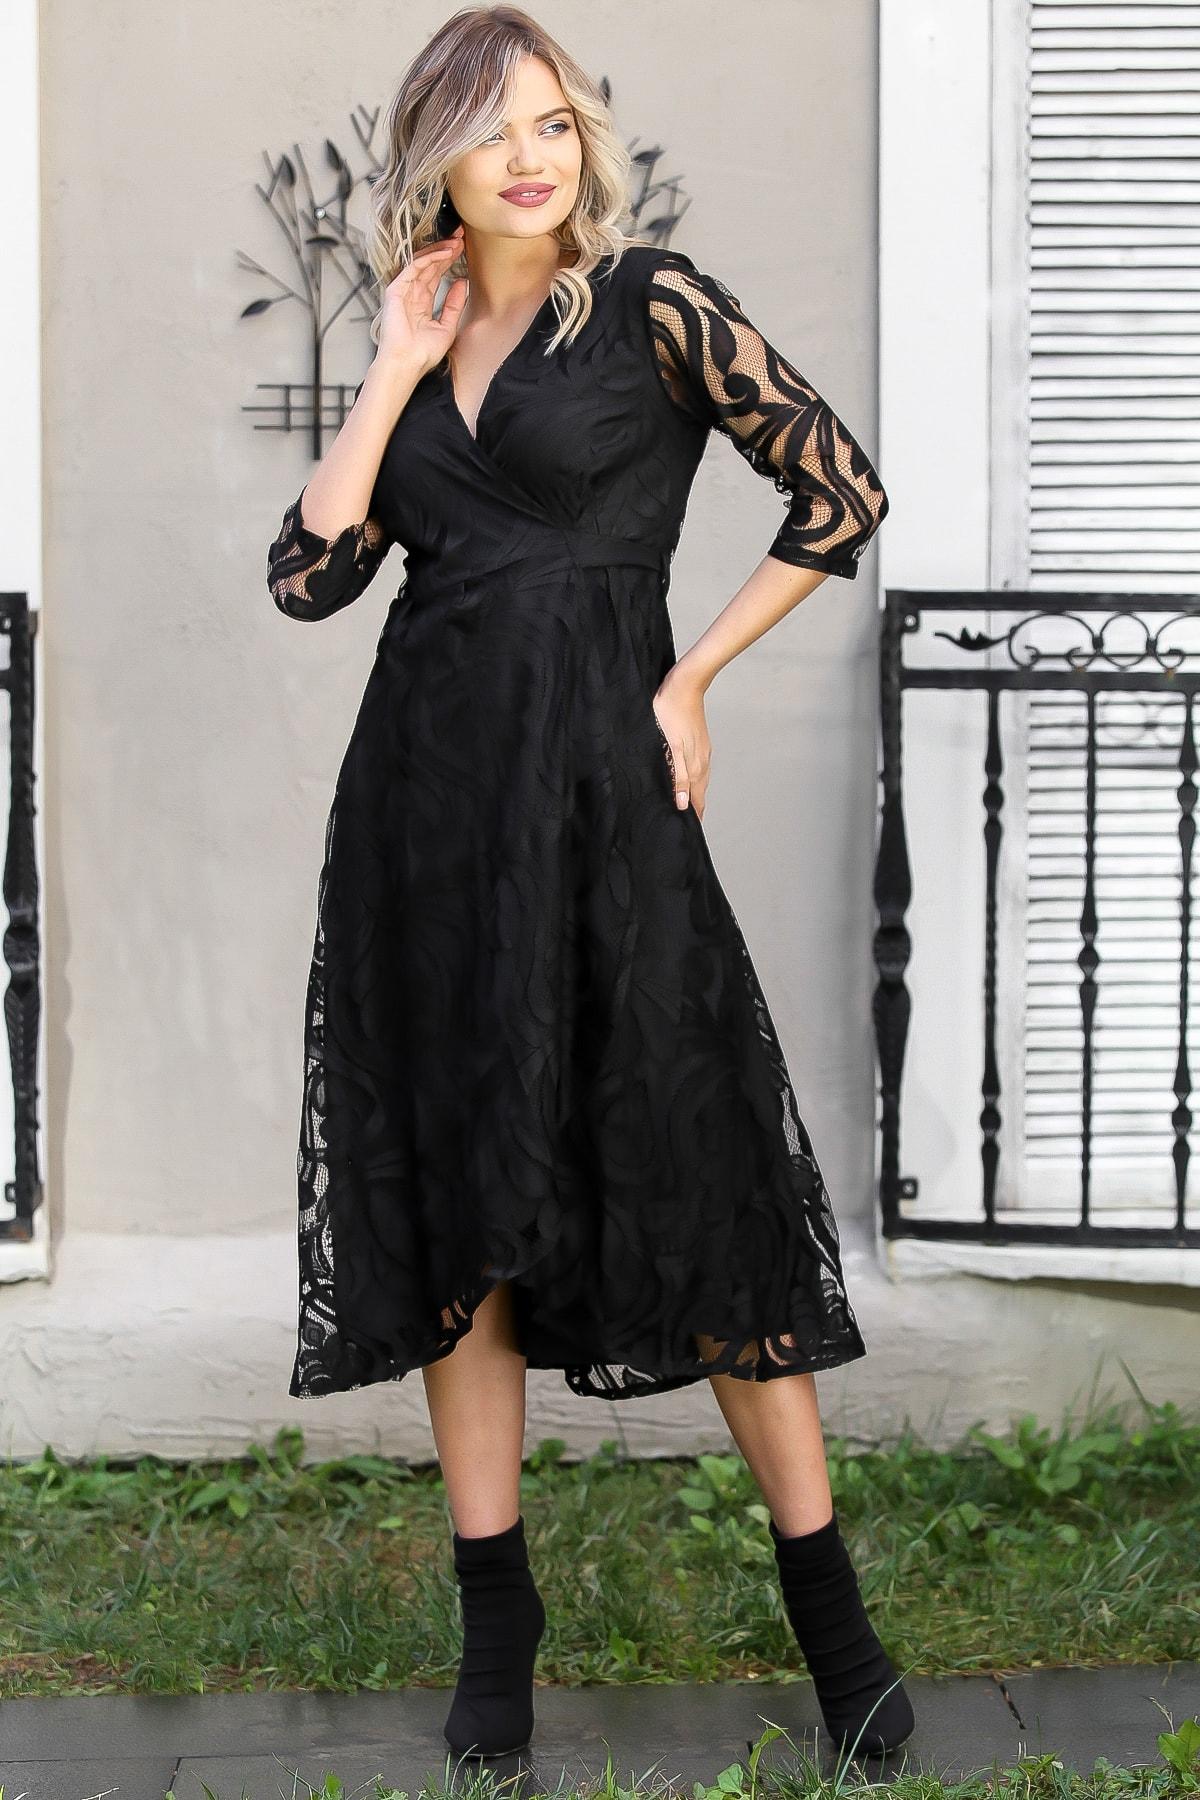 Chiccy Kadın Siyah Dantel Yaprak Desenli Kruvaze Astarlı Elbise M10160000EL96030 2